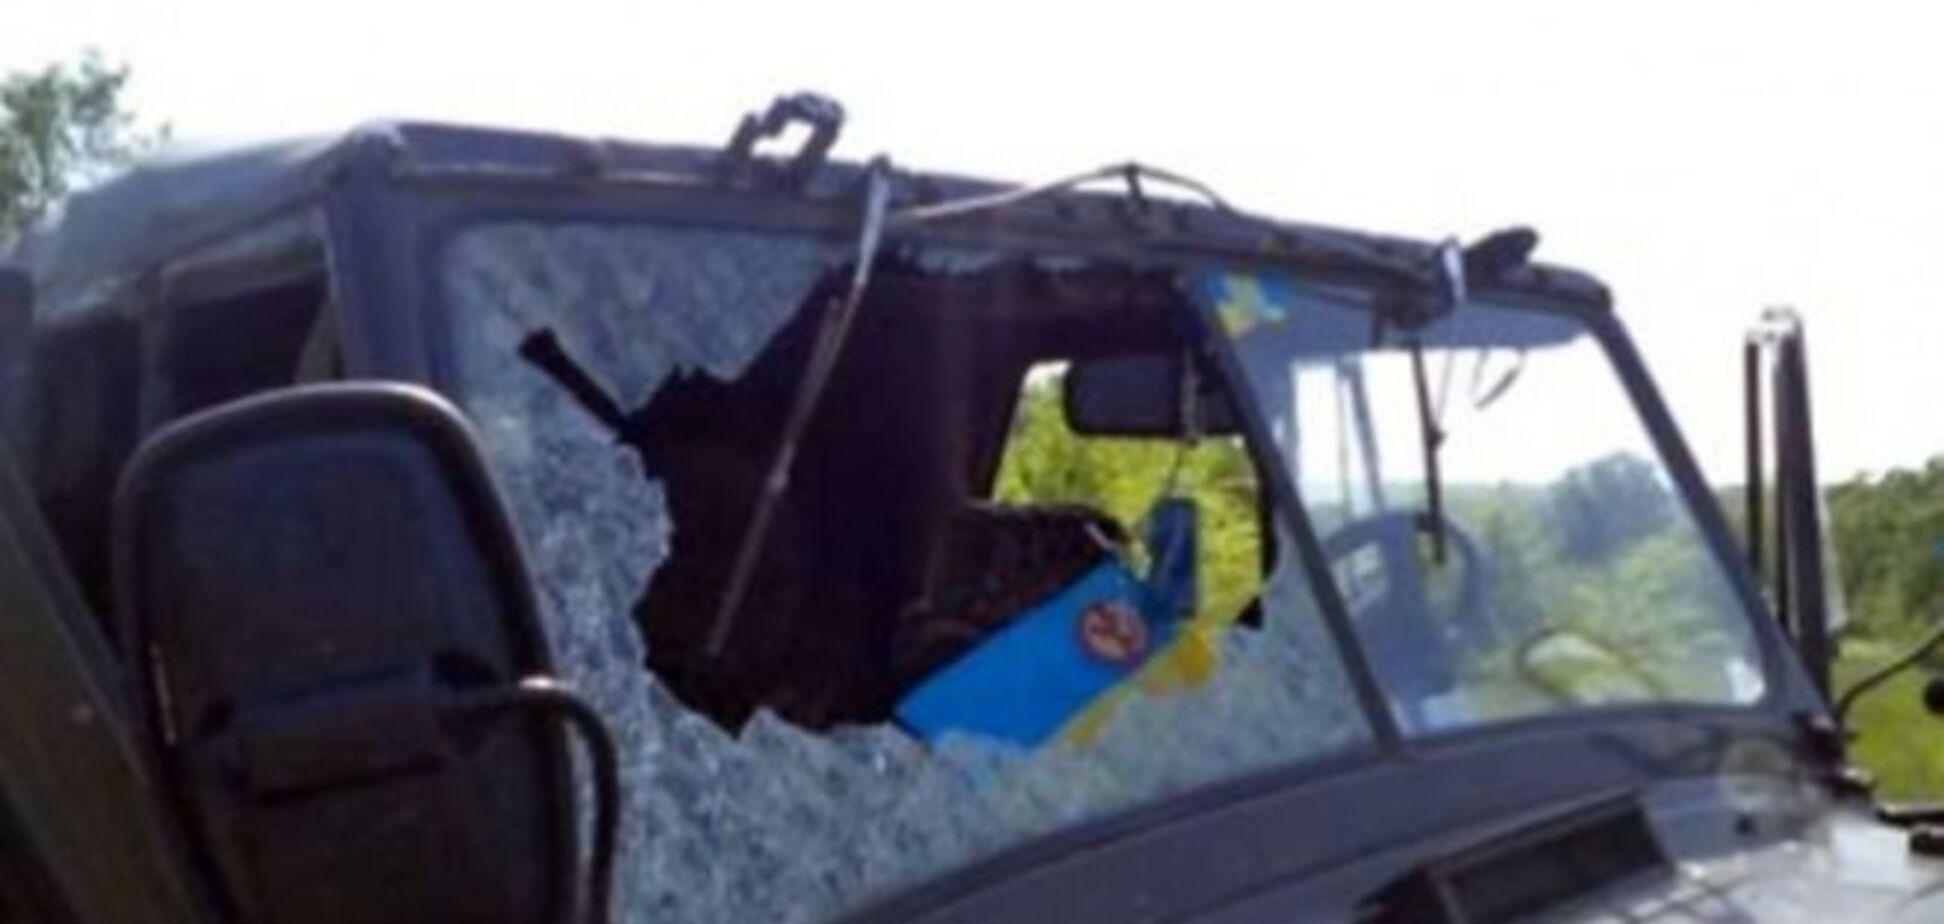 Авто контролерів припинення вогню знову обстріляли на Донбасі: фотофакт